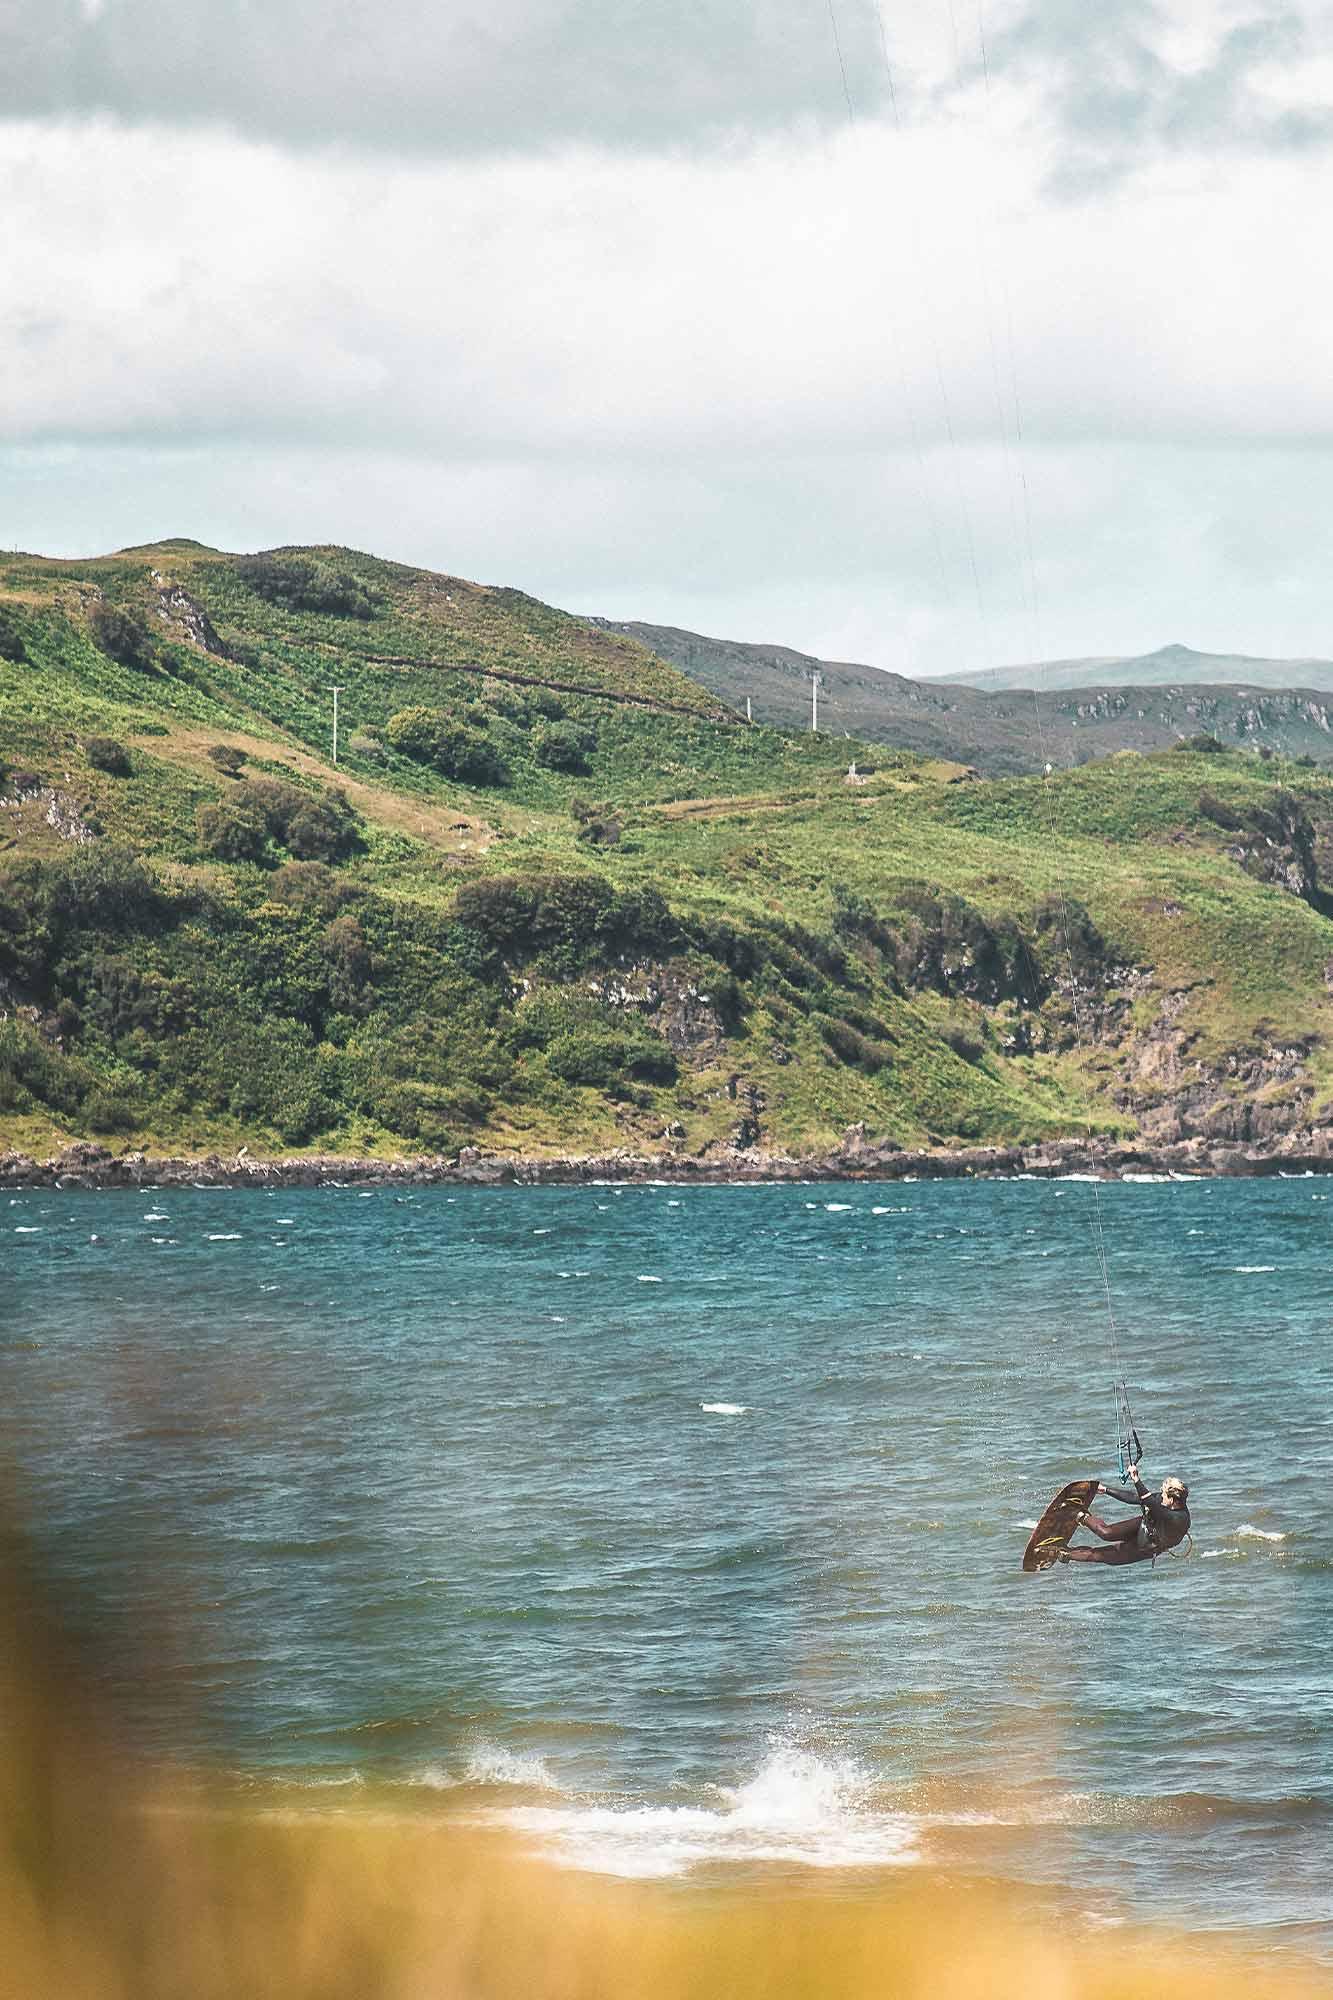 Kiten auf der Halbinsel Gedintailor in Schottland